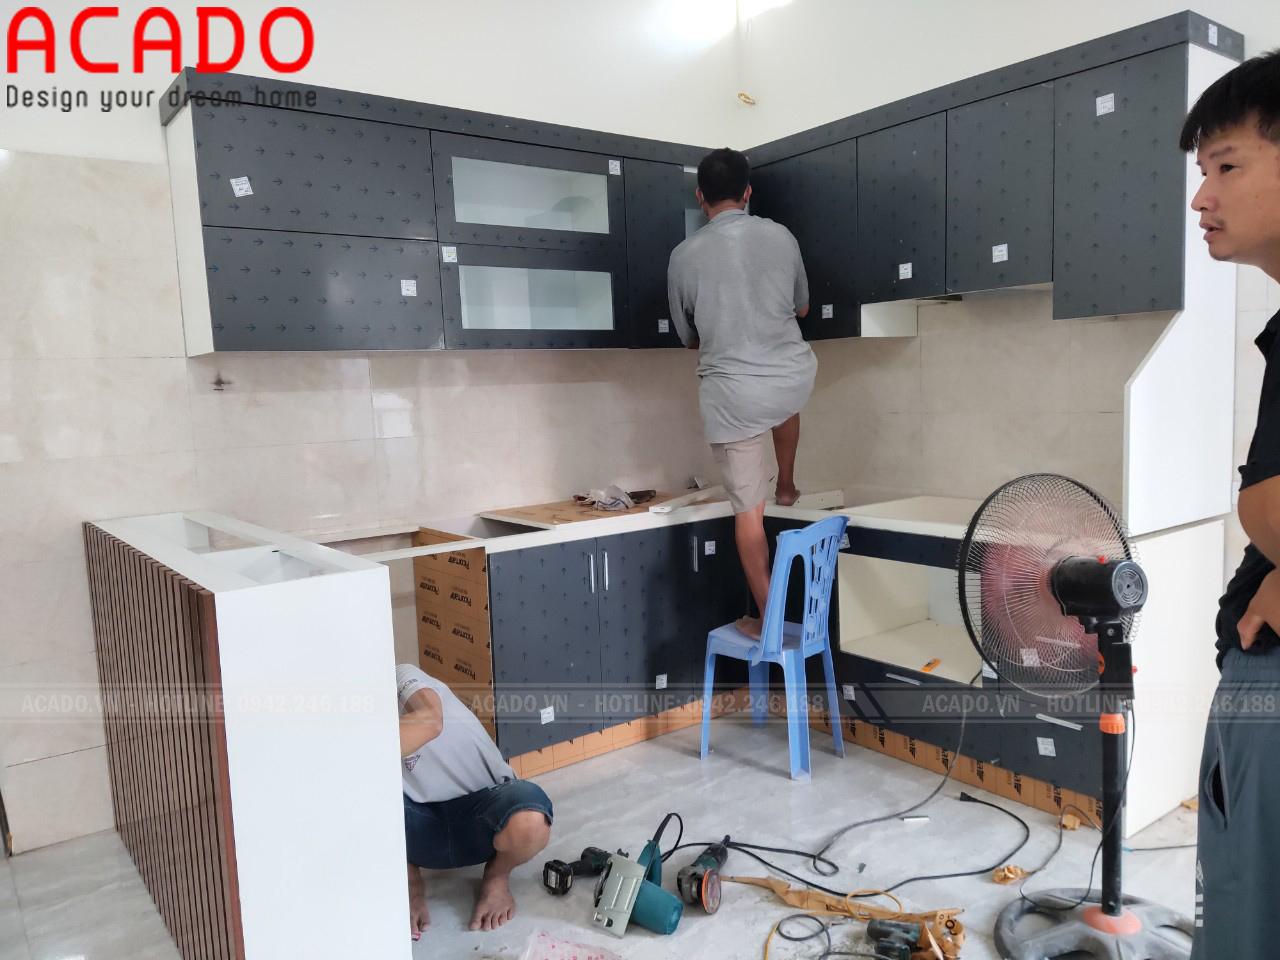 Bắt đầu quá trình thi công và lắp đặt tủ bếp tại Mê Linh - Nội thất ACADO